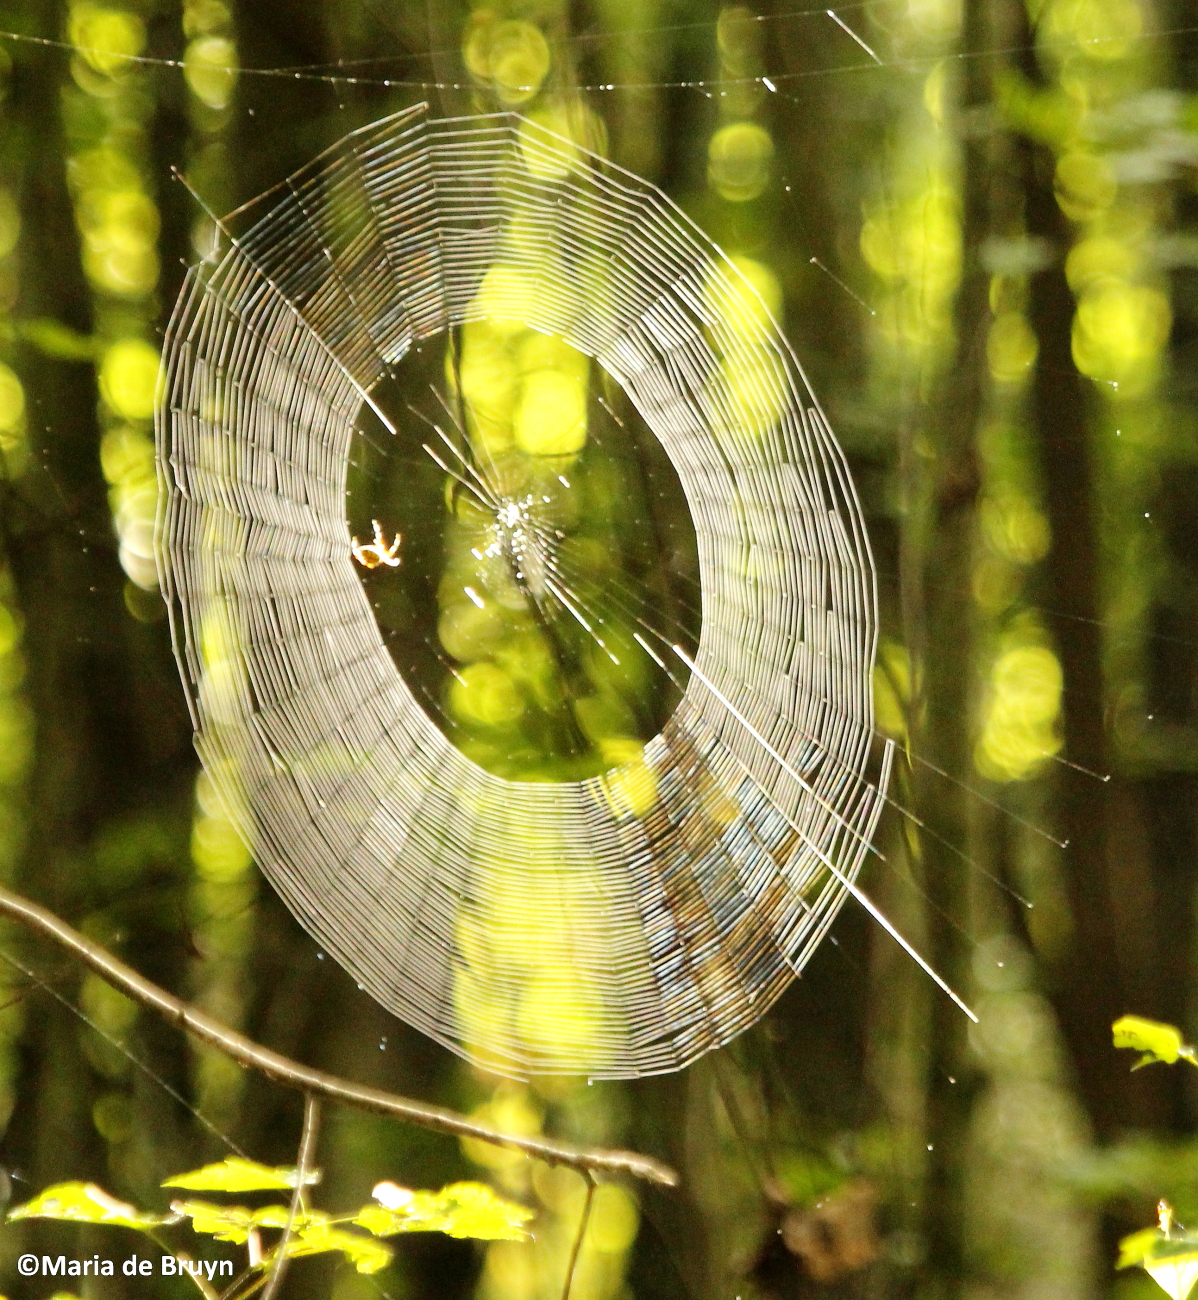 Spider Web Halloween Decorations: Sheetweb Dwarf Spider